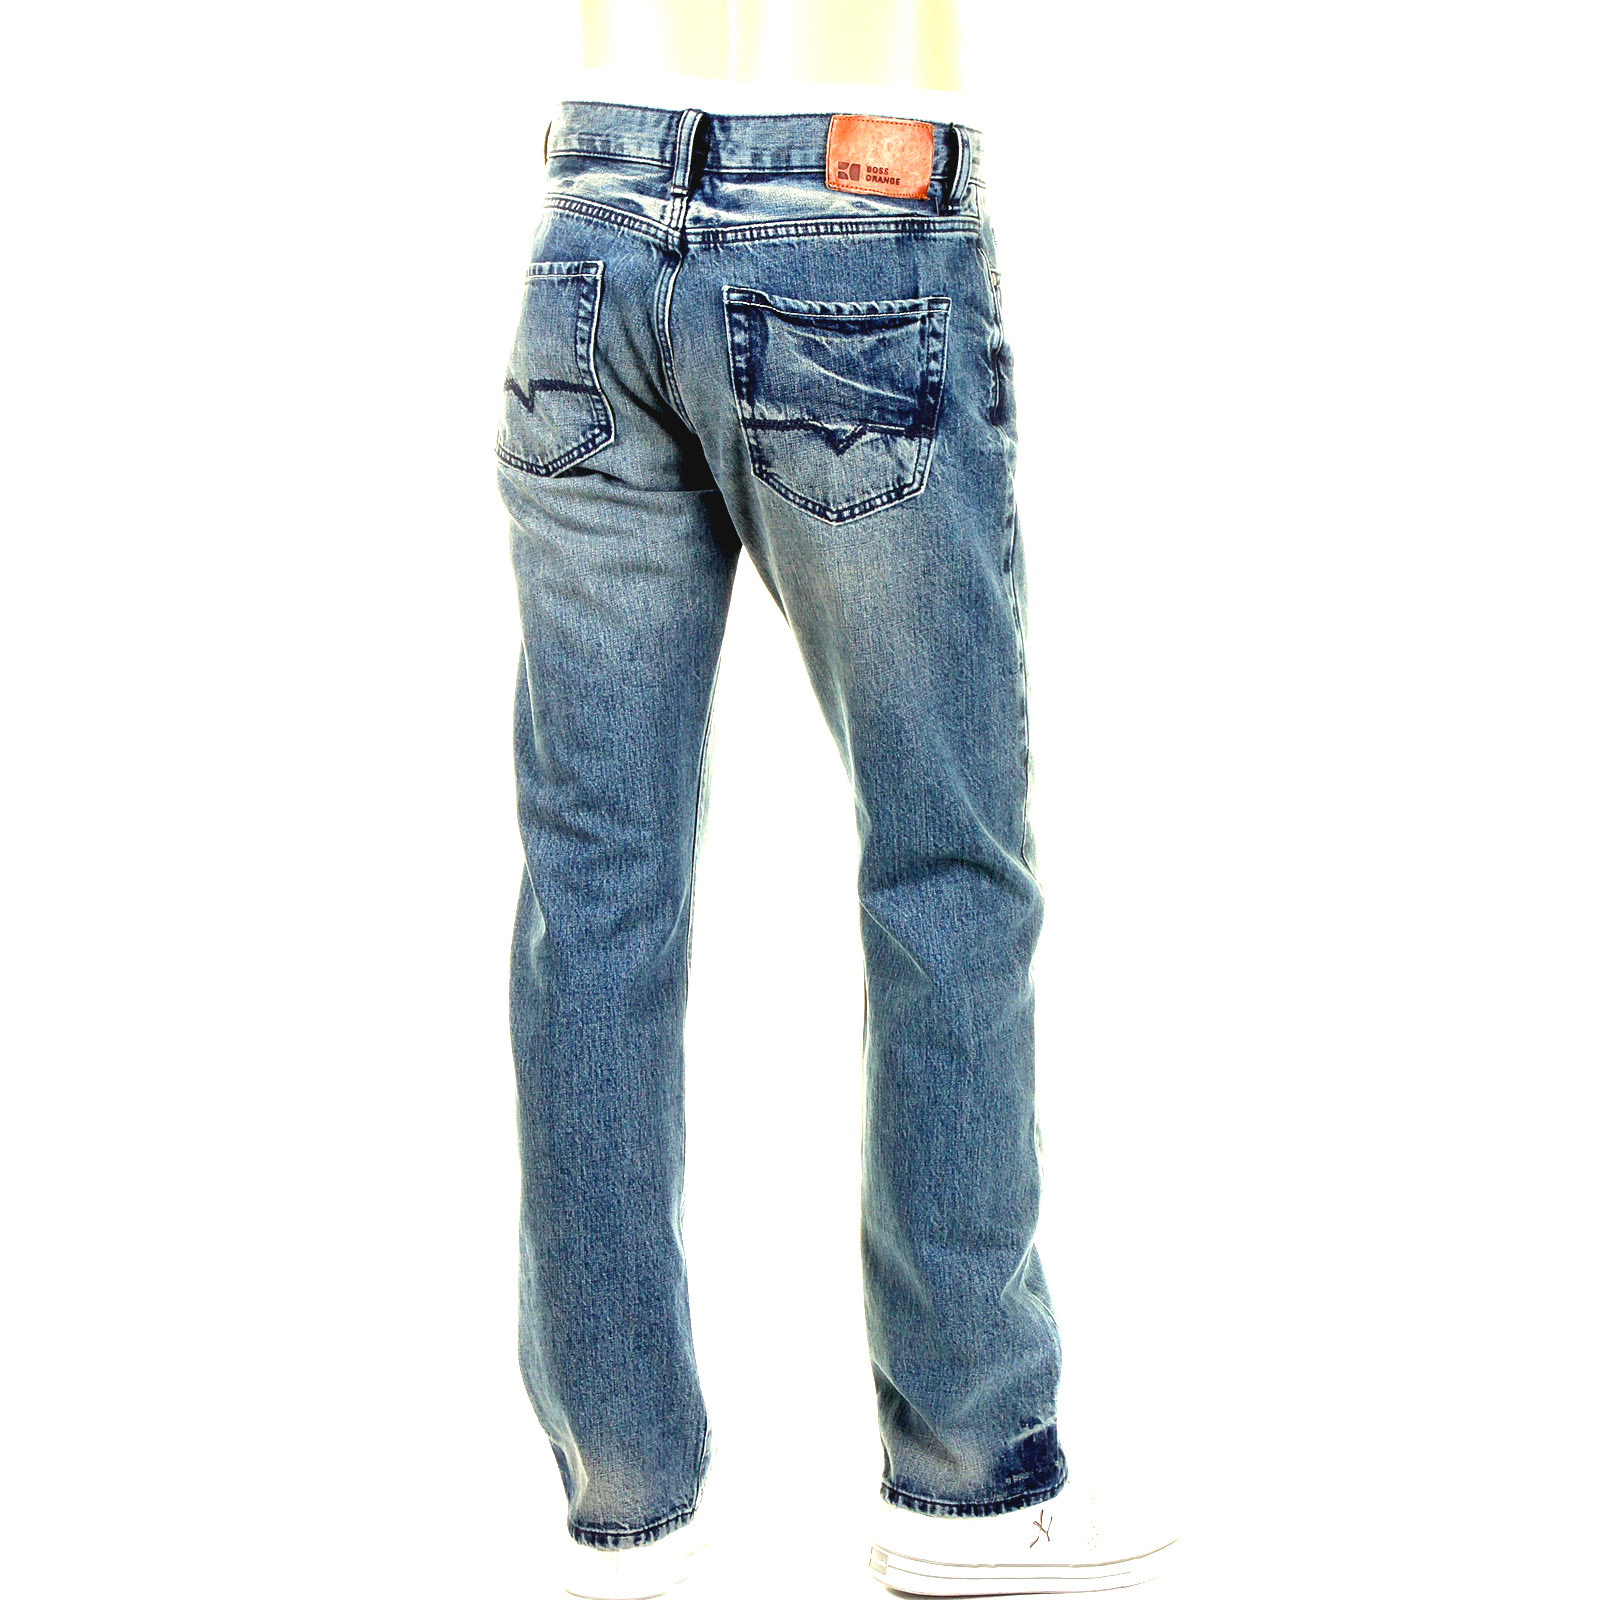 boss orange jeans hb25 50177602 420 selvage hugo boss. Black Bedroom Furniture Sets. Home Design Ideas